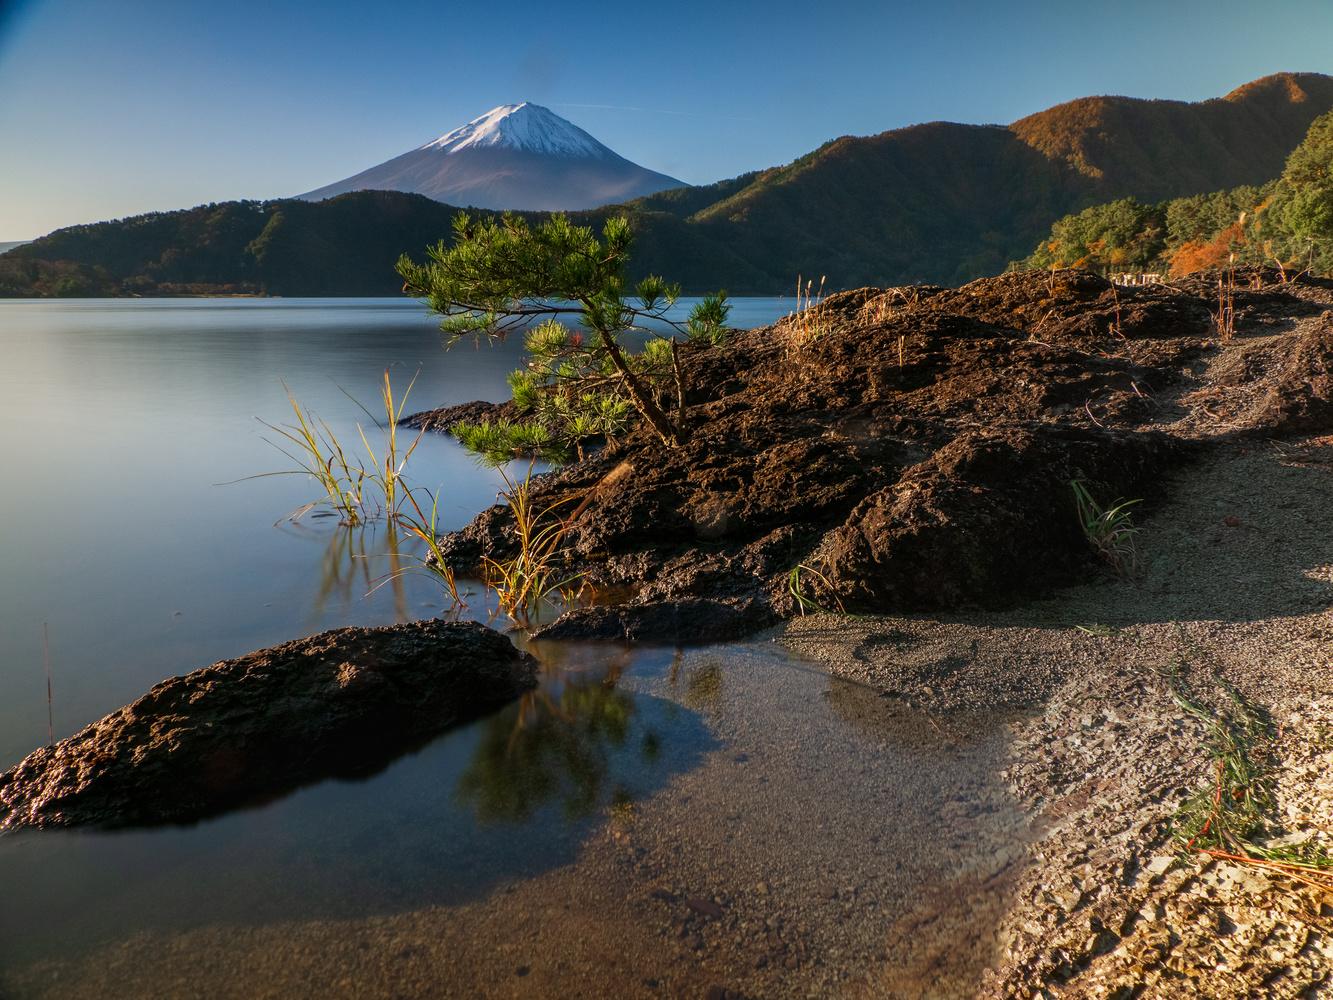 Fuji by Jerzy Wolochowicz